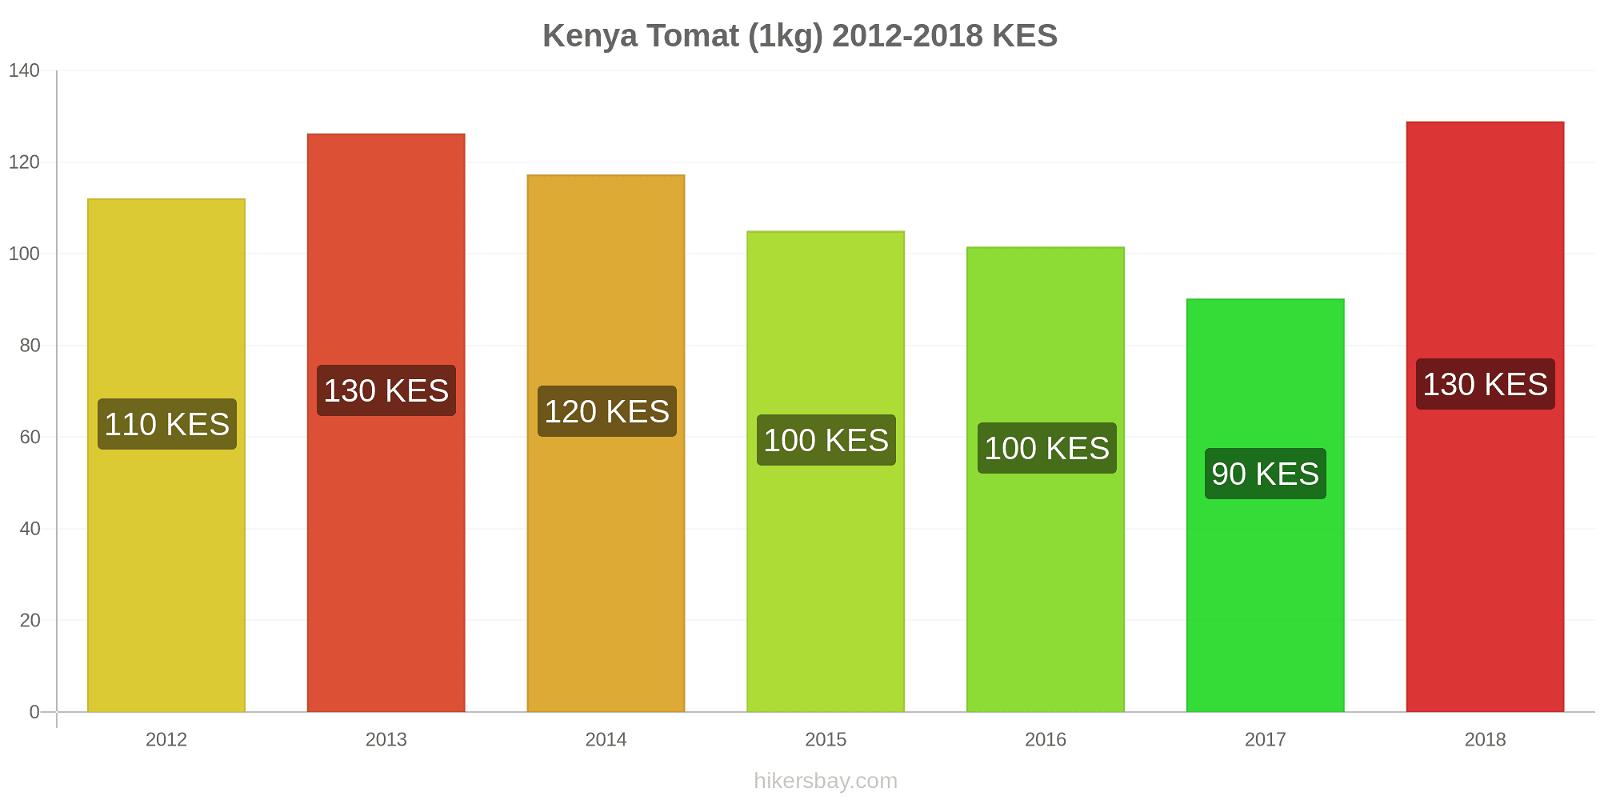 Kenya prisændringer Tomat (1kg) hikersbay.com